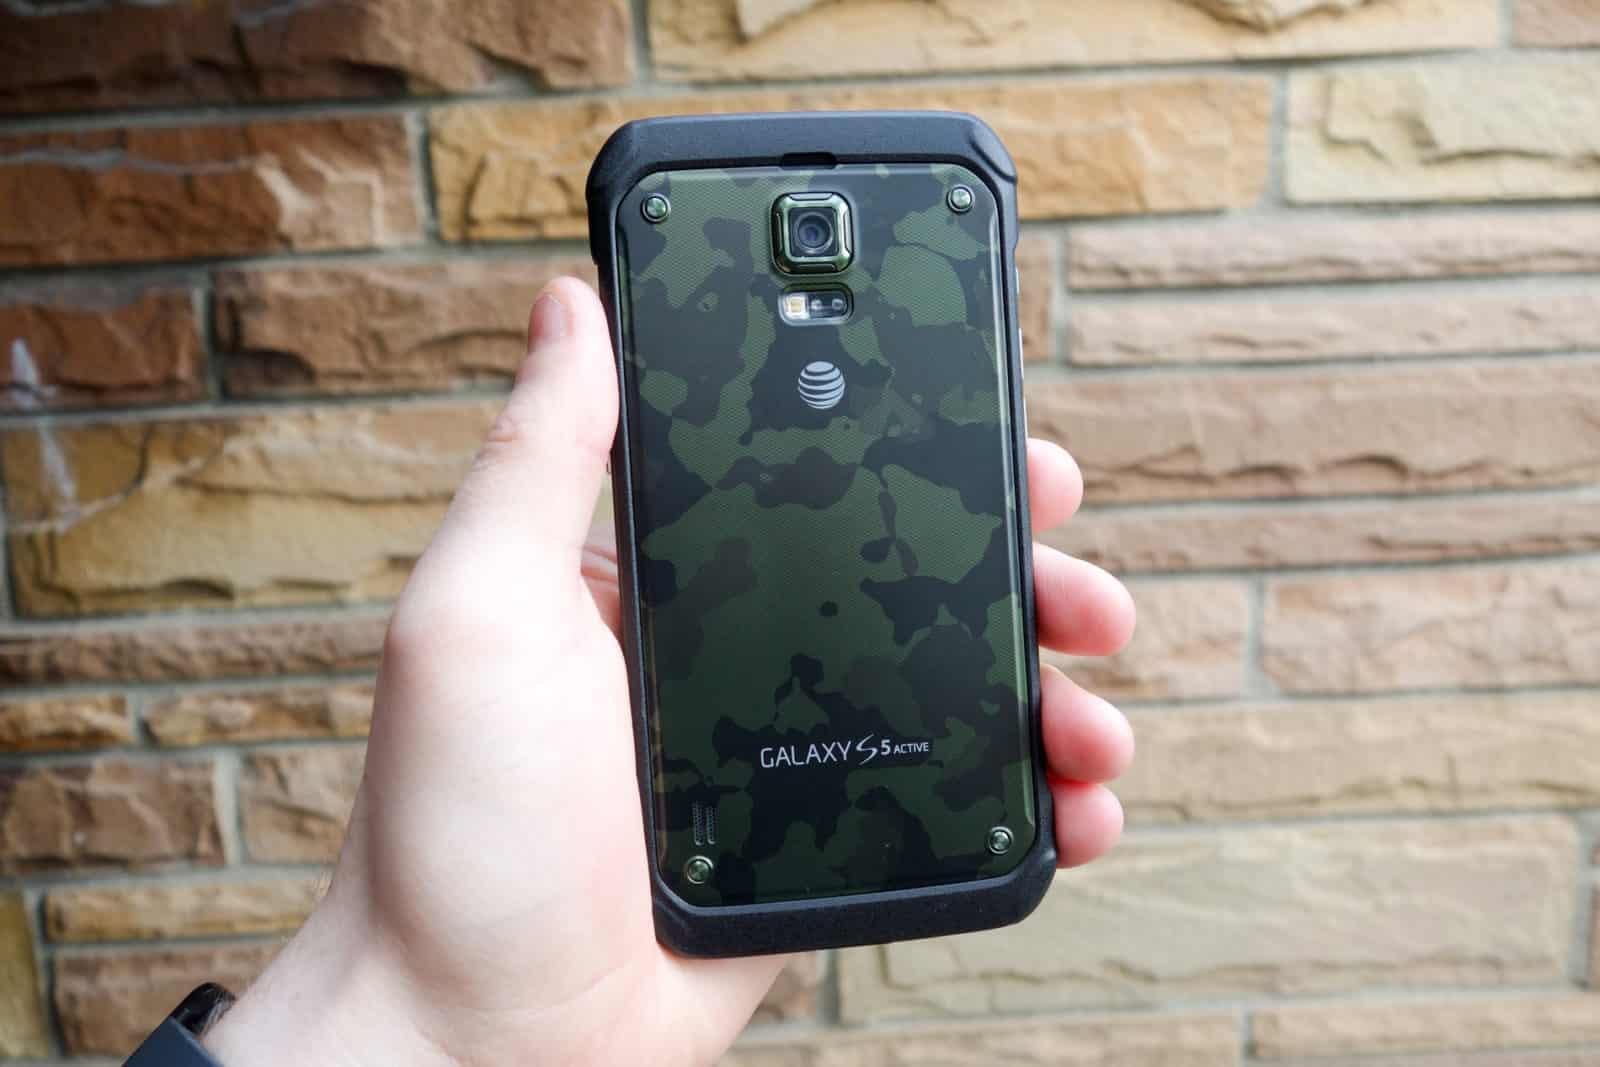 Samsung-Galaxy-S5-Active-AH-3